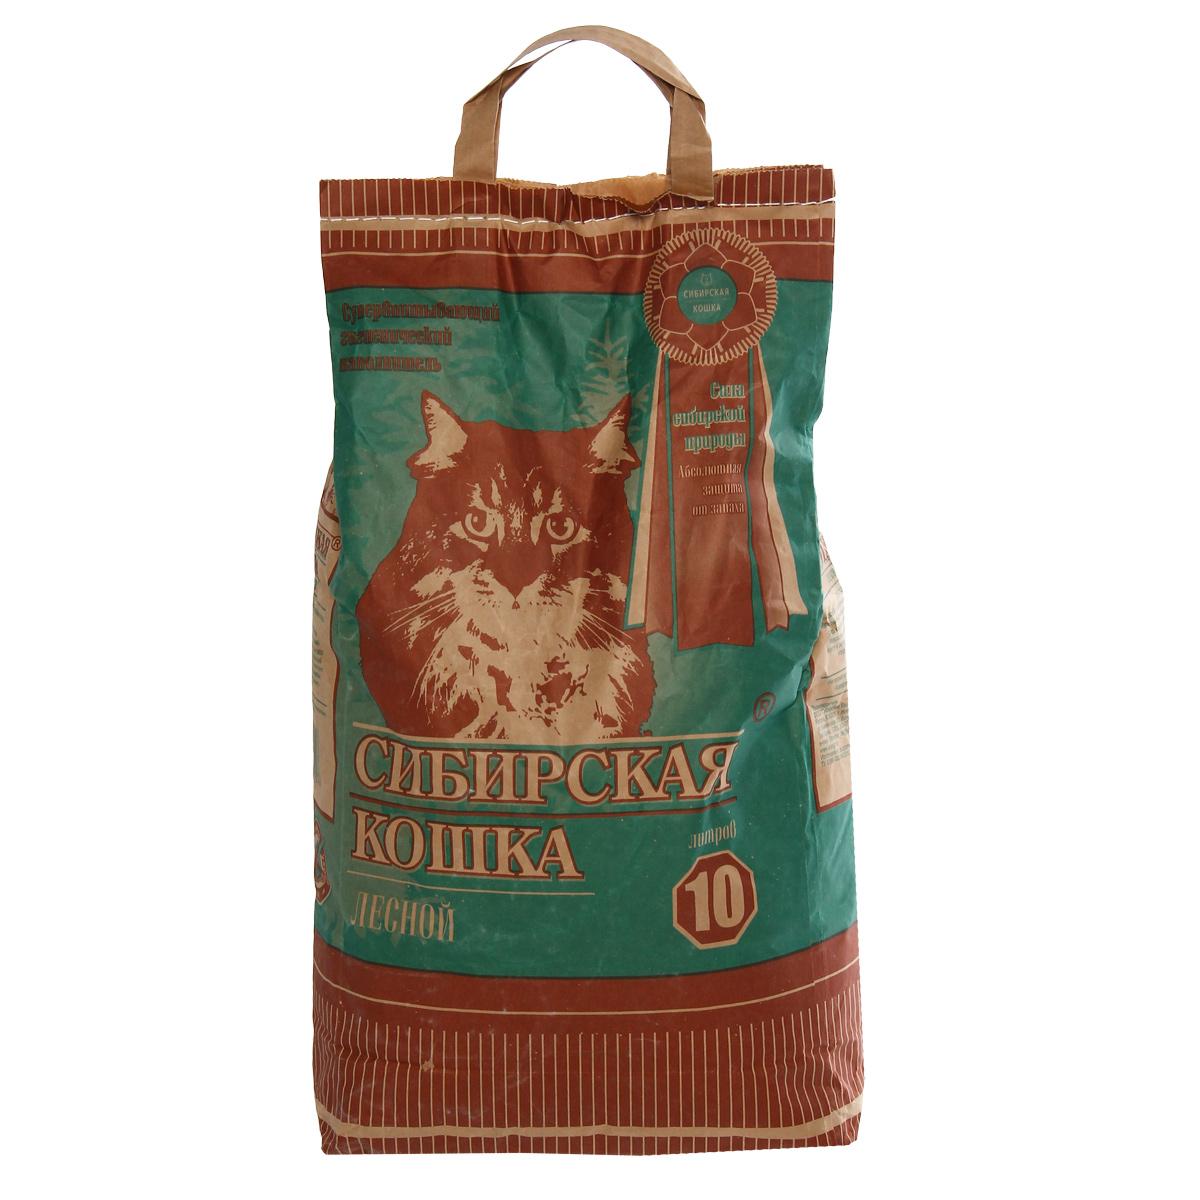 Наполнитель для кошачьих туалетов Сибирская Кошка Лесной, древесный, 10 лS07070100Экологически чистый супервпитывающий наполнитель для кошачьих туалетовСибирская Кошка Лесной производится из древесины хвойных пород вотсутствии каких-либо присадок. Его действие базируется на естественных свойстваххвойных деревьев, поглощать влагу и запахи. Впитываемоcть составляет 260-320%, что в 3раза превосходит характеристики обычных наполнителей. Дезинфицирующиекачества наполнителя содействуют уничтожению болезнетворных микробов.Обладает природным естественным запахом хвои.Наполнитель возможно использовать также как подстилку в клетках для кроликов, морских свинок, крыс и хомяков.Состав: древесина хвойных пород.Объем: 10 л.Товар сертифицирован.